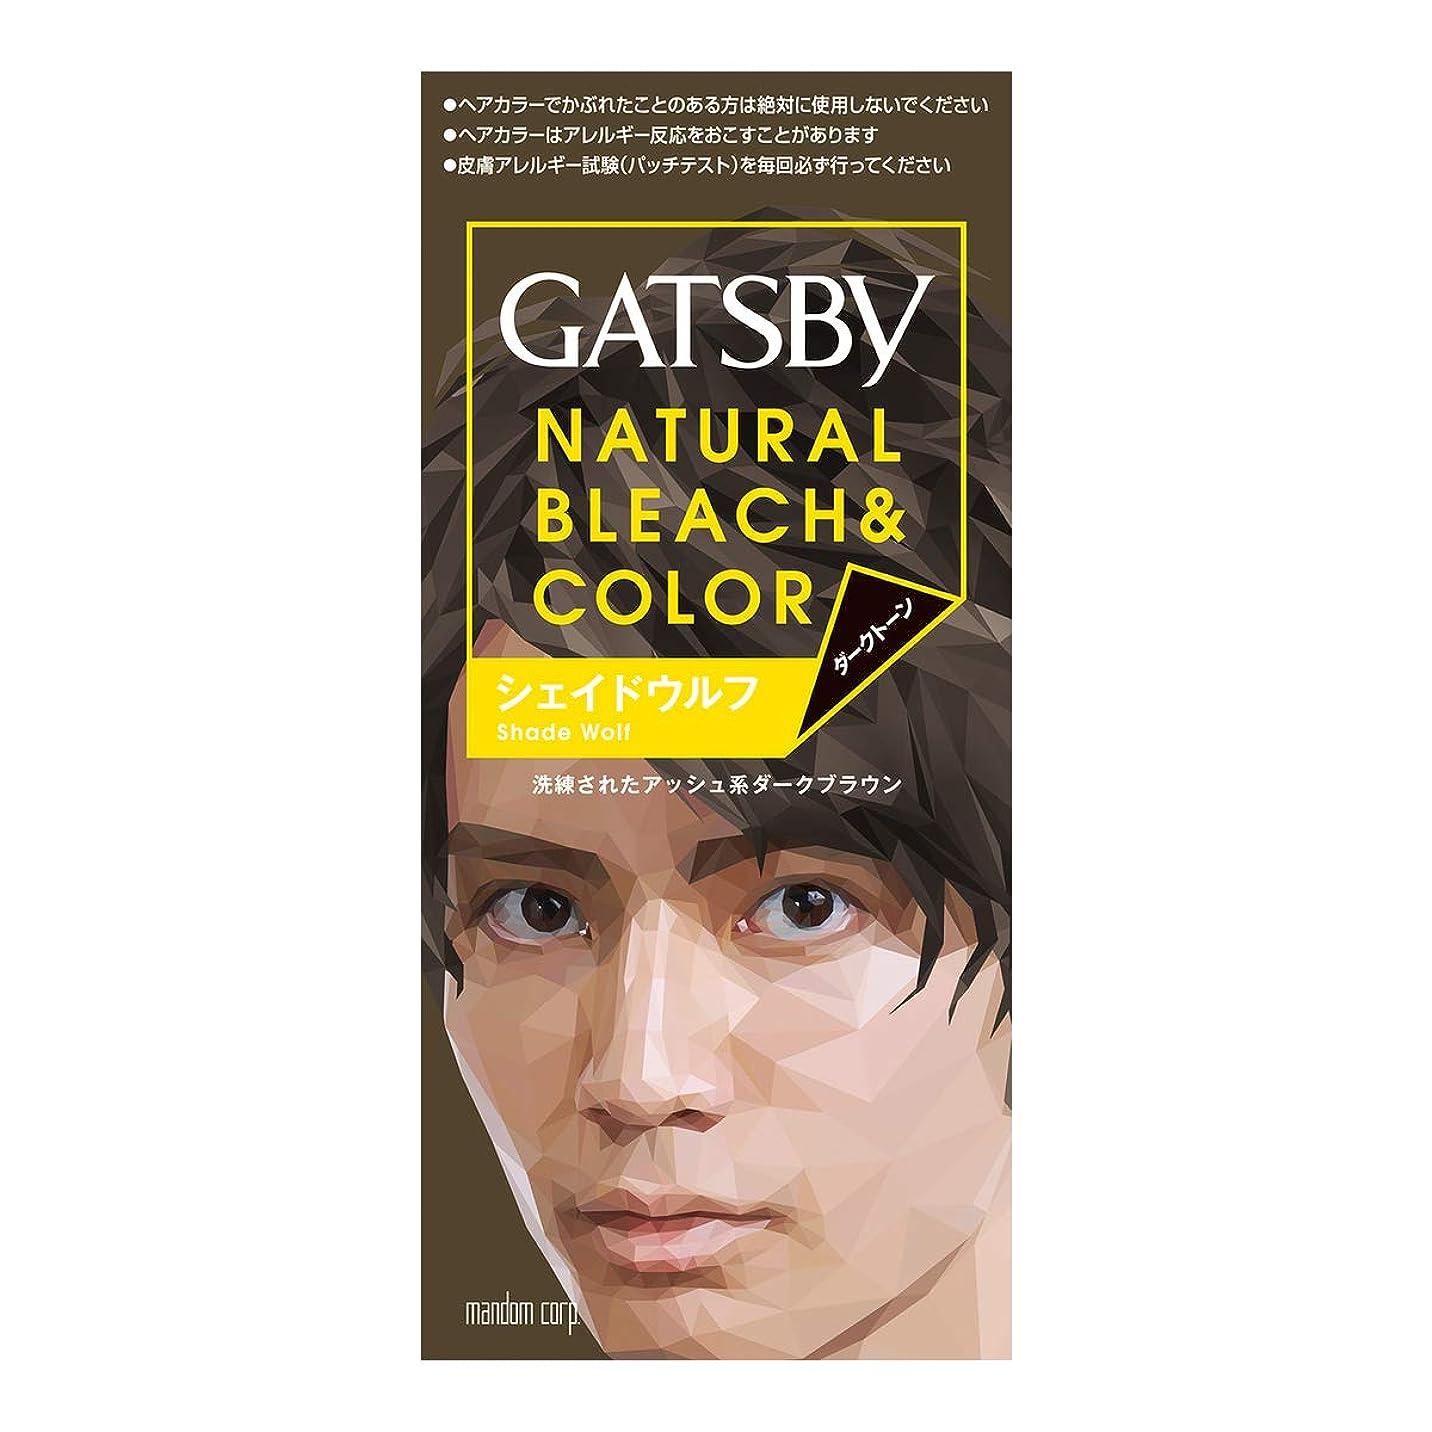 おびえた日泳ぐGATSBY(ギャツビー) ナチュラルブリーチカラー シェイドウルフ 1剤35g 2剤70mL (医薬部外品)